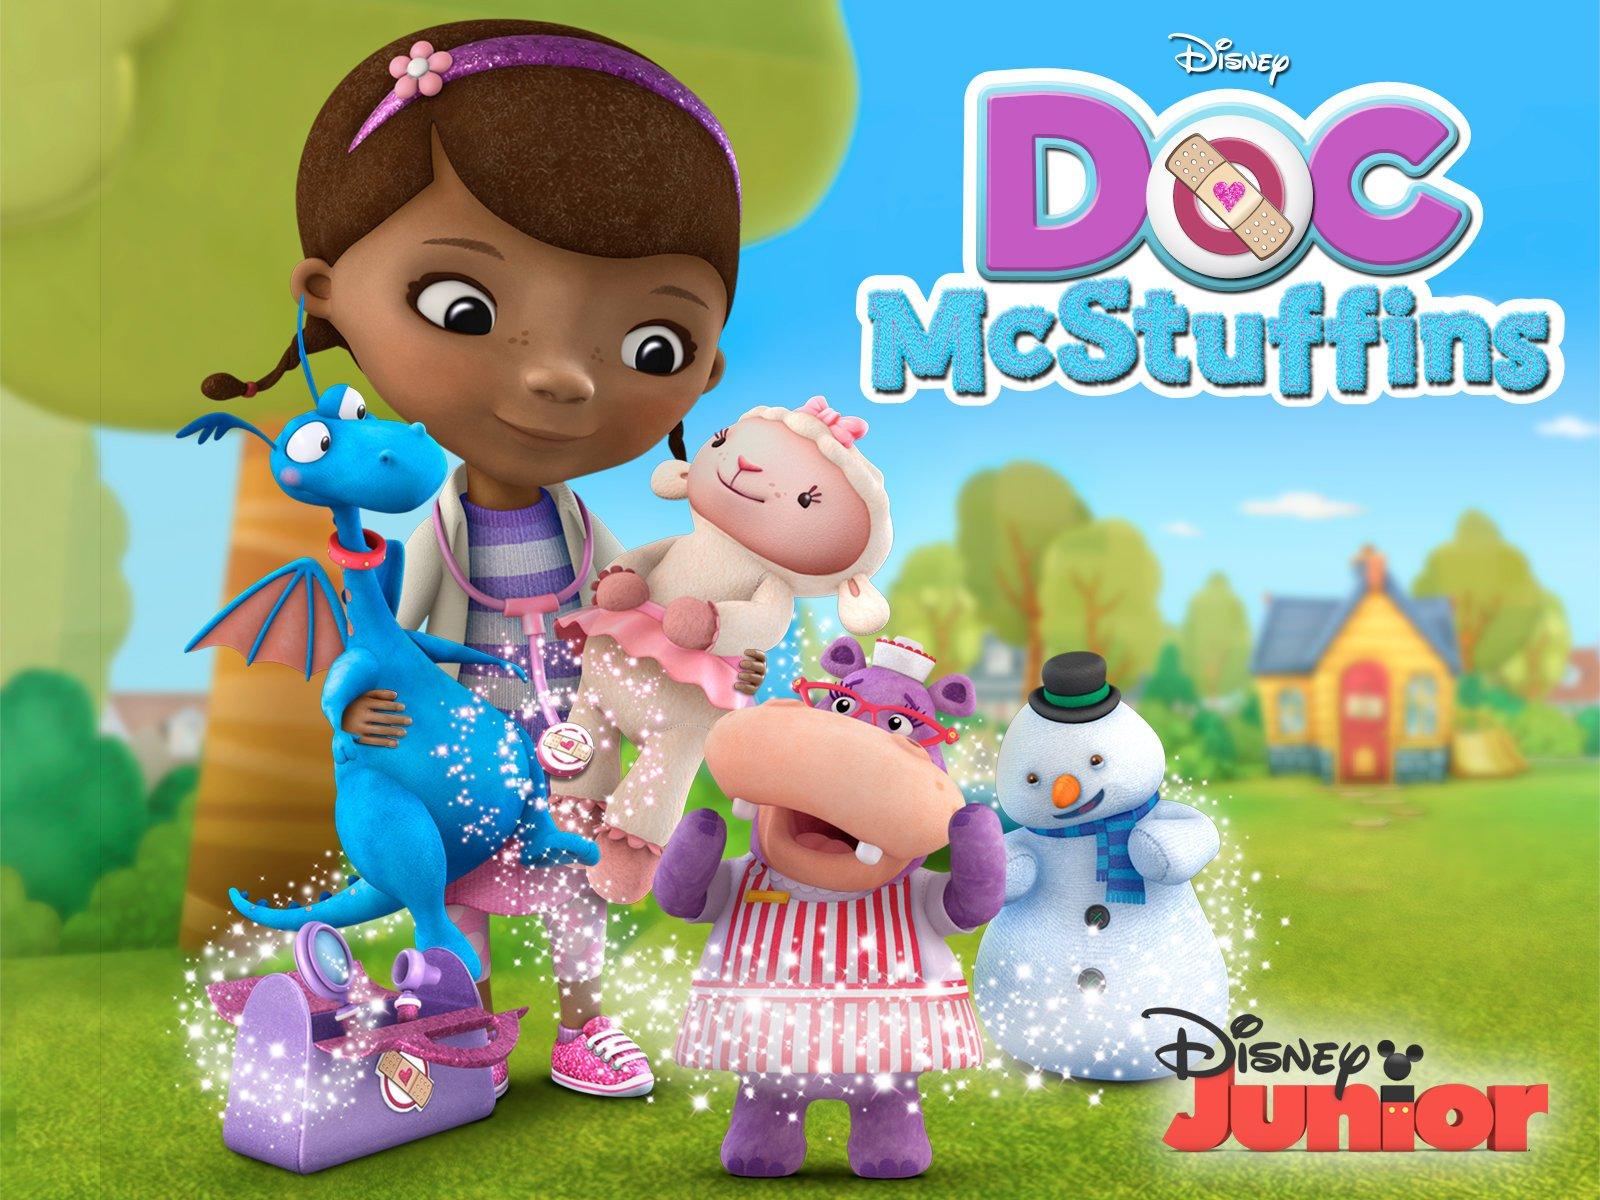 doc mcstuffins season 3 episode 2